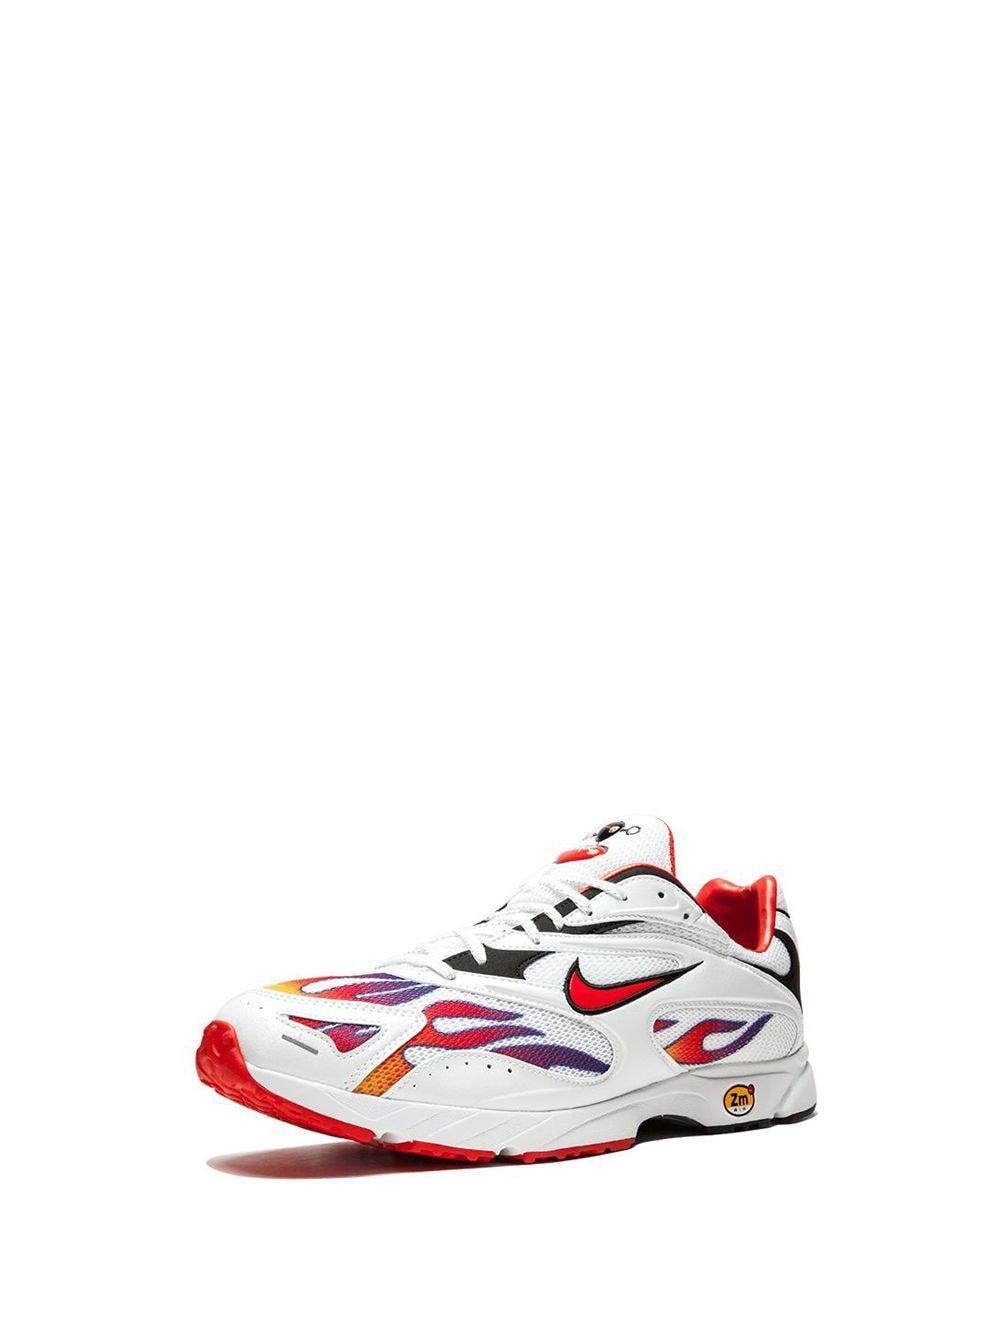 Nike Rubber X Supreme Zm Strk Spectrum Pls Sneakers in het Wit voor heren